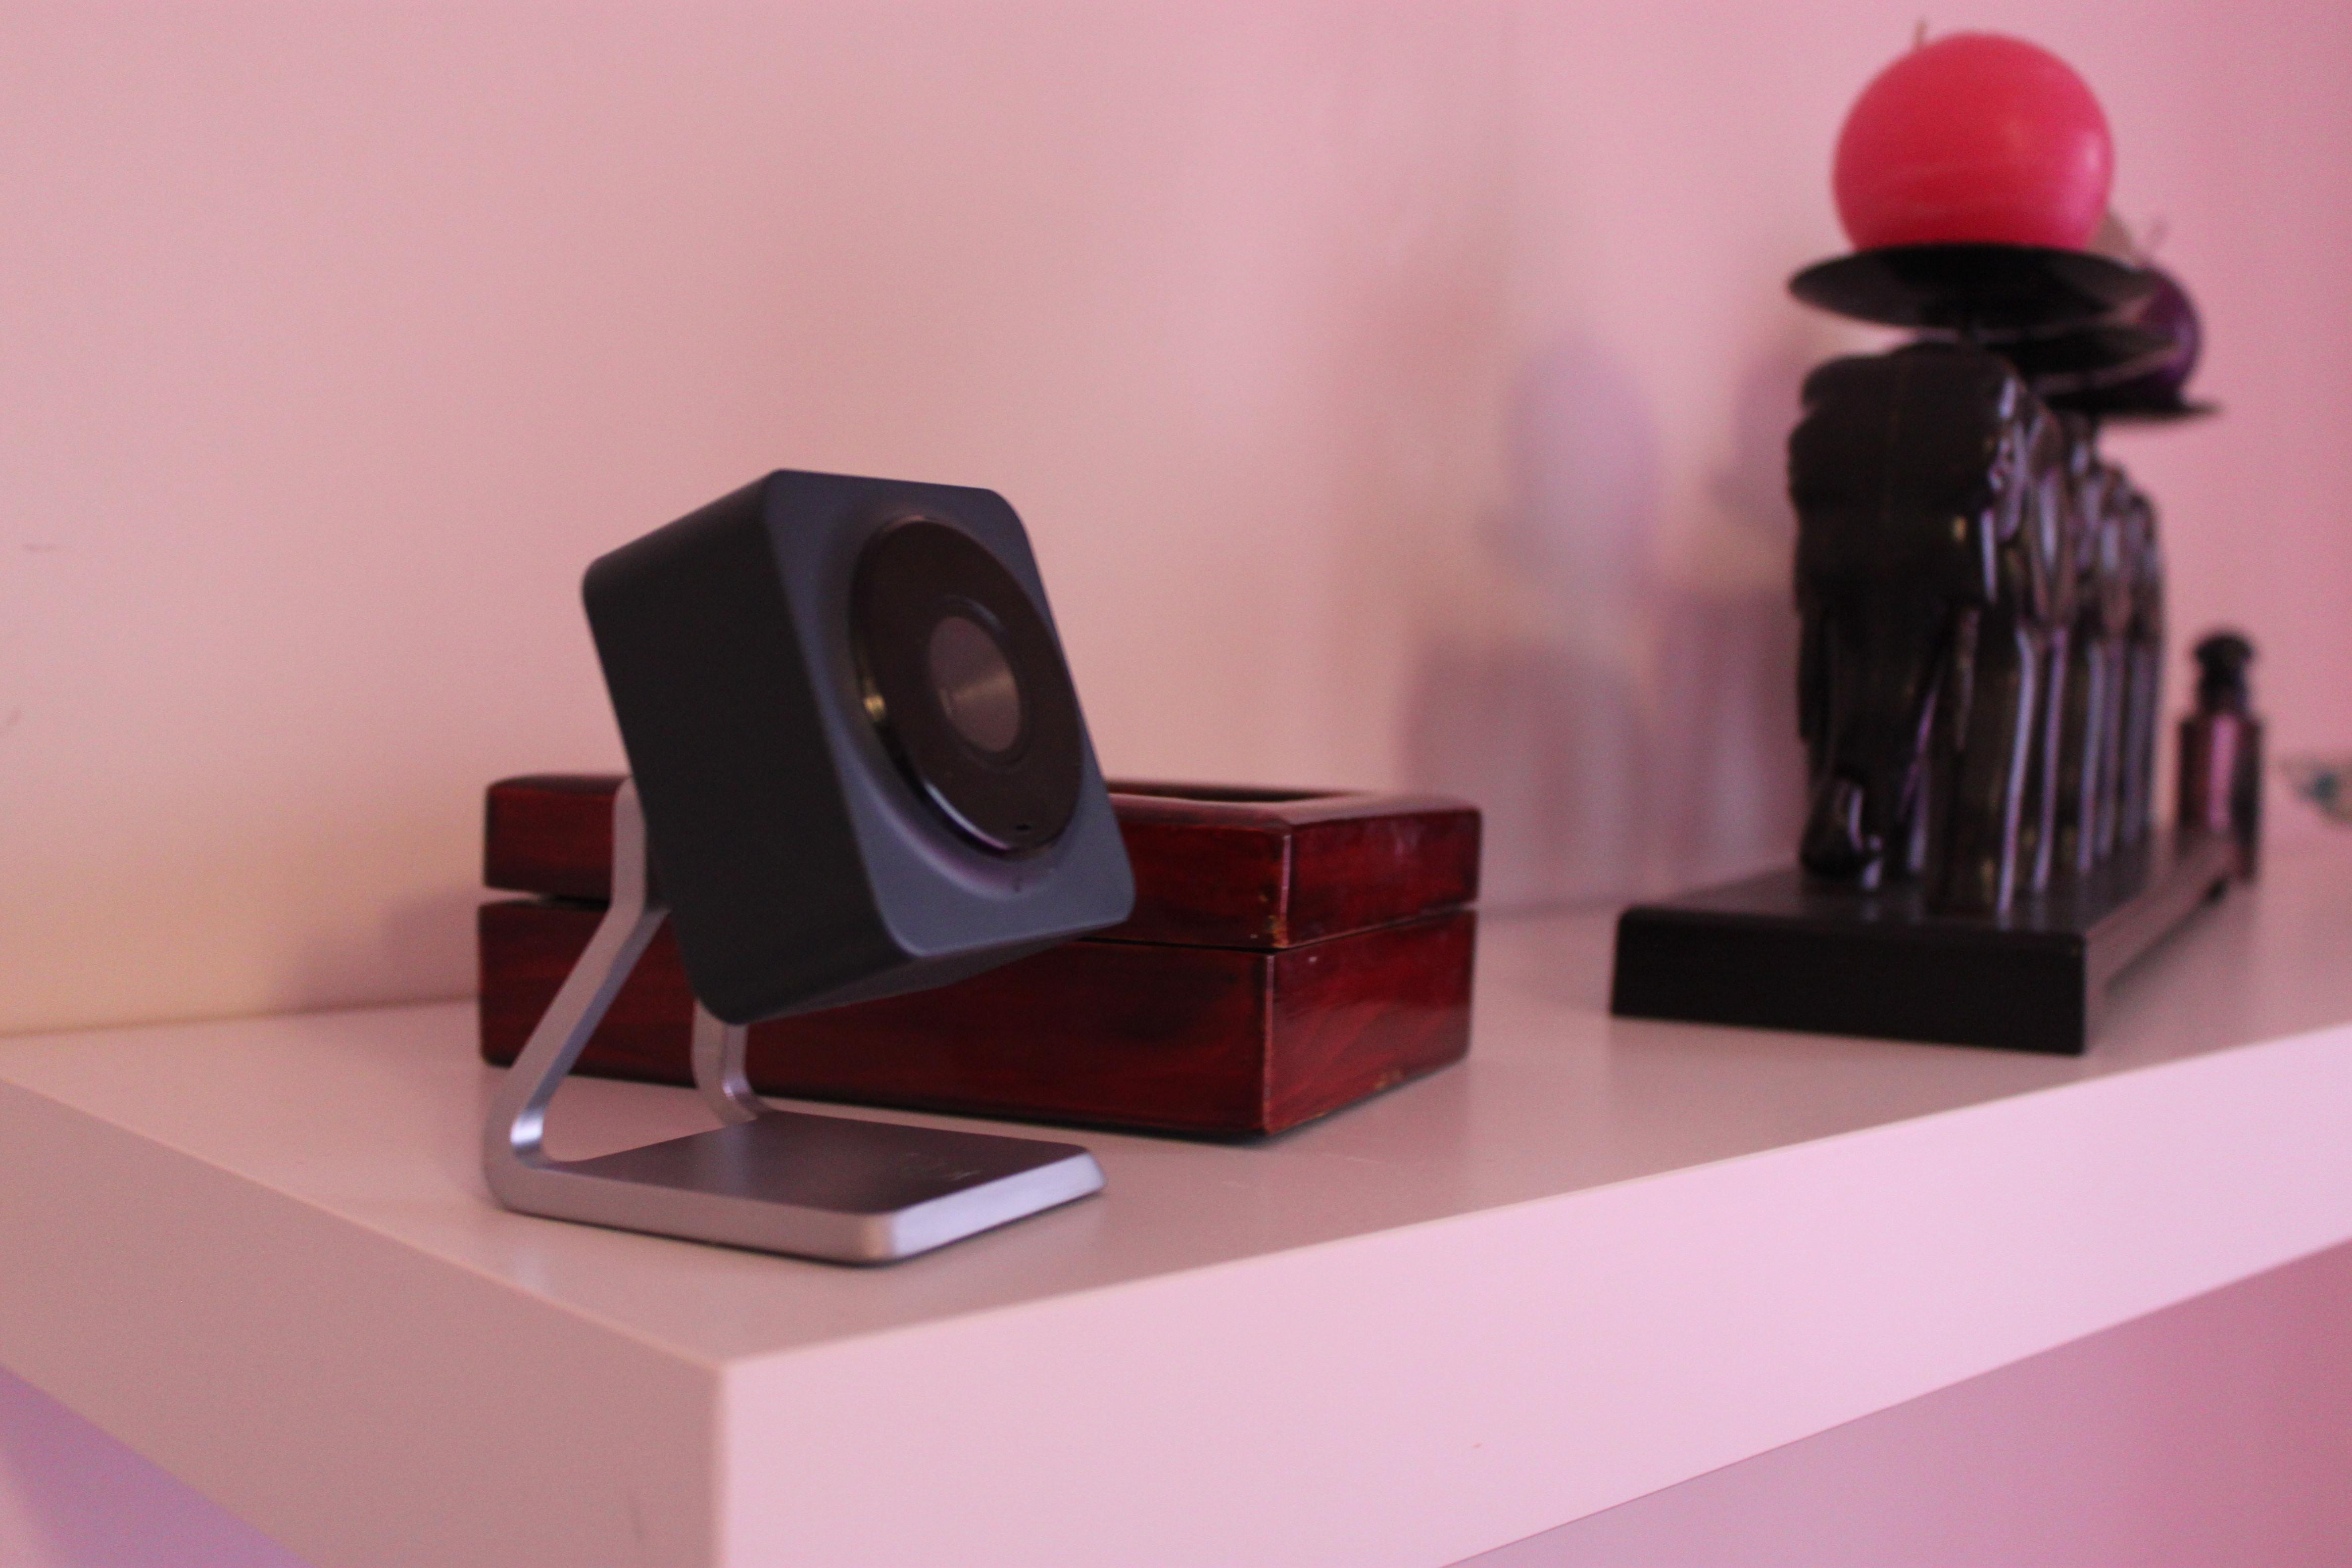 alarme maison sans fil des conseils pour bien choisir votre protection. Black Bedroom Furniture Sets. Home Design Ideas